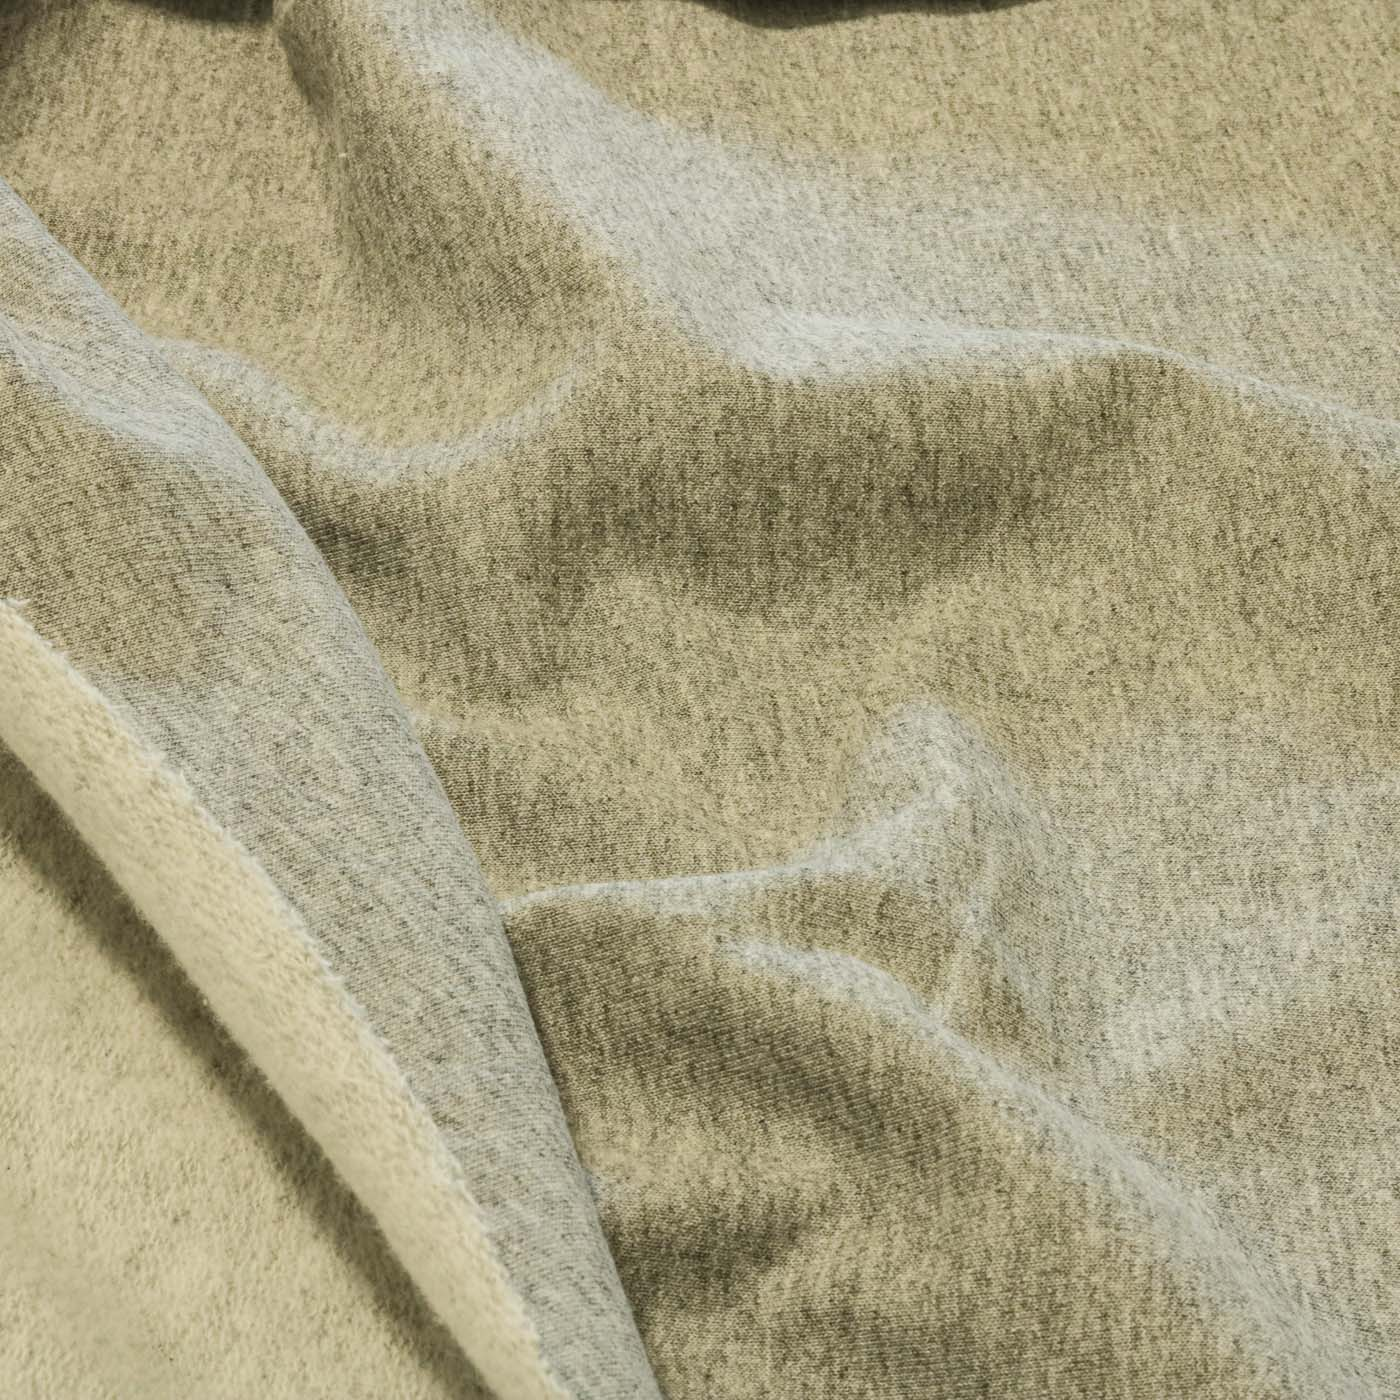 Tecido Moletinho Flanelado Liso 100% Algodão Cinza Mesclado